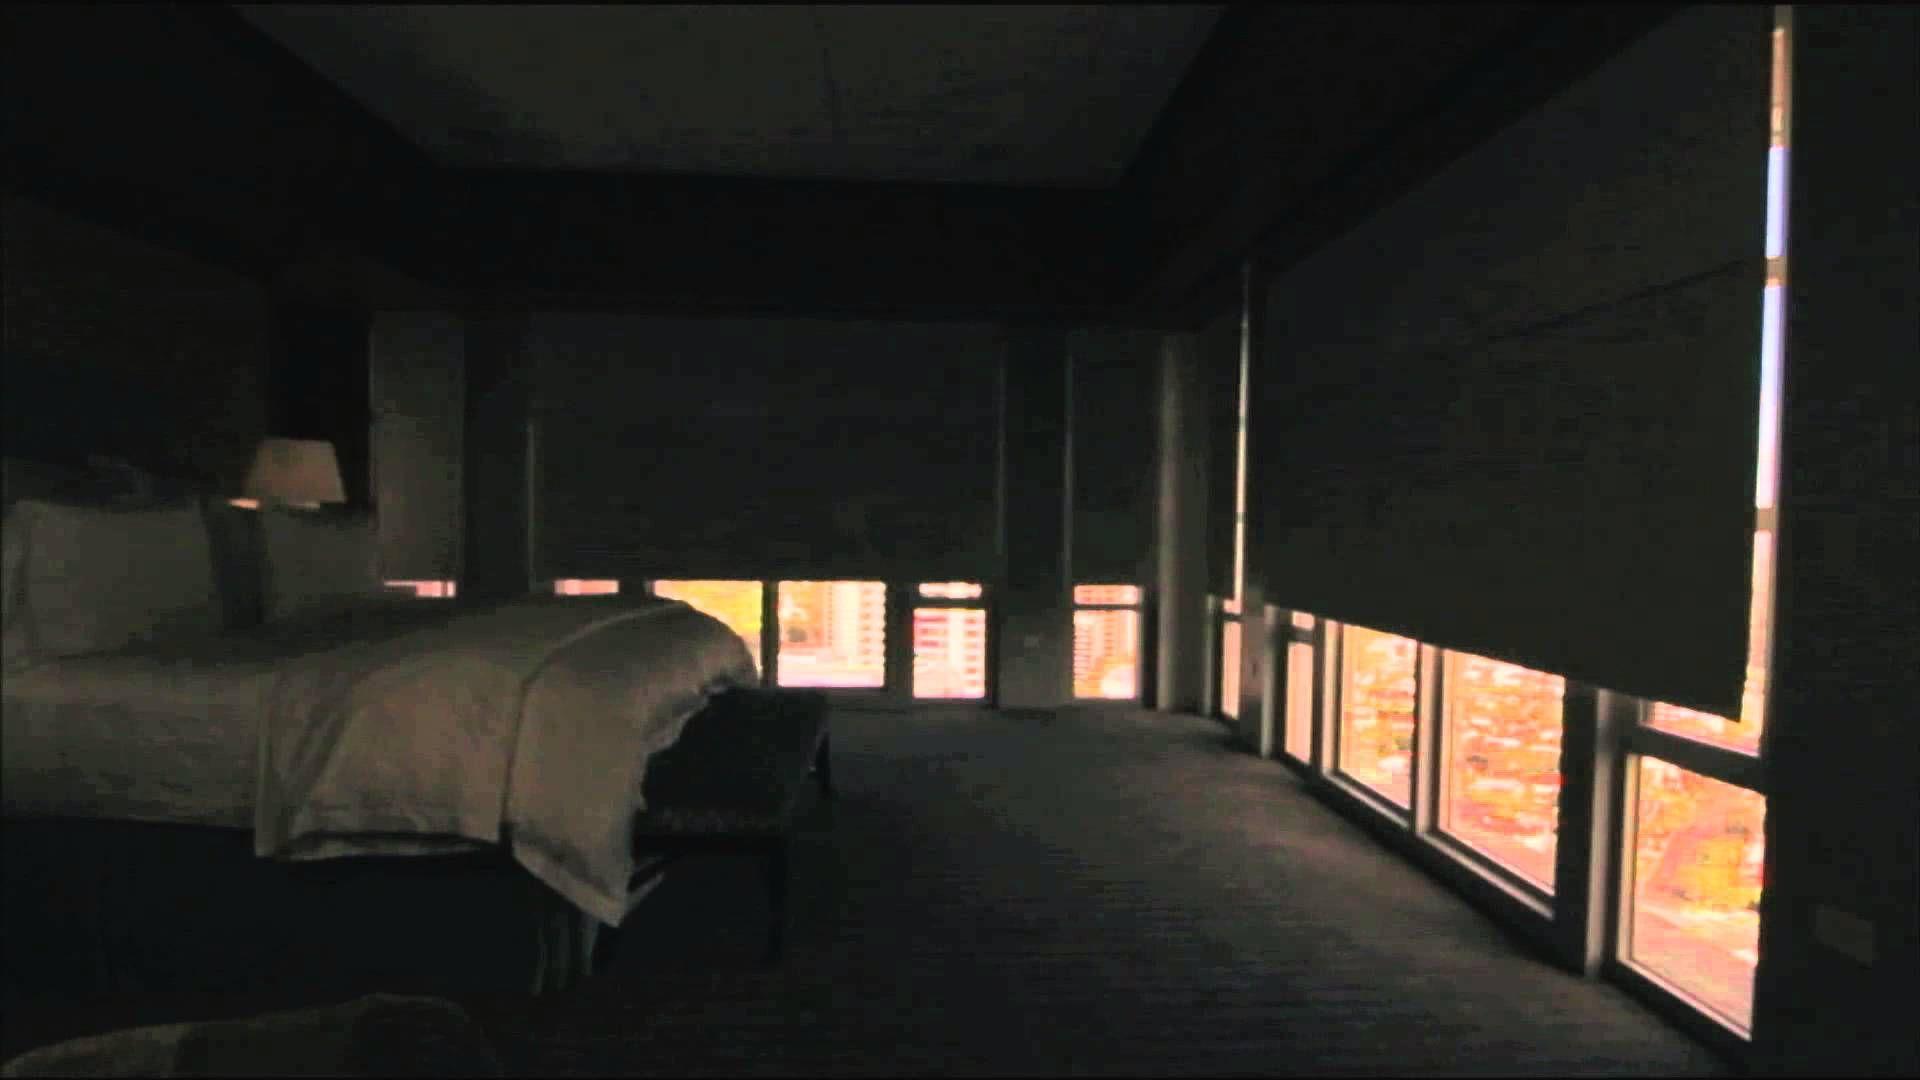 motorized blackout shades. Motorized Blackout Shades Bedroom - Google Search N